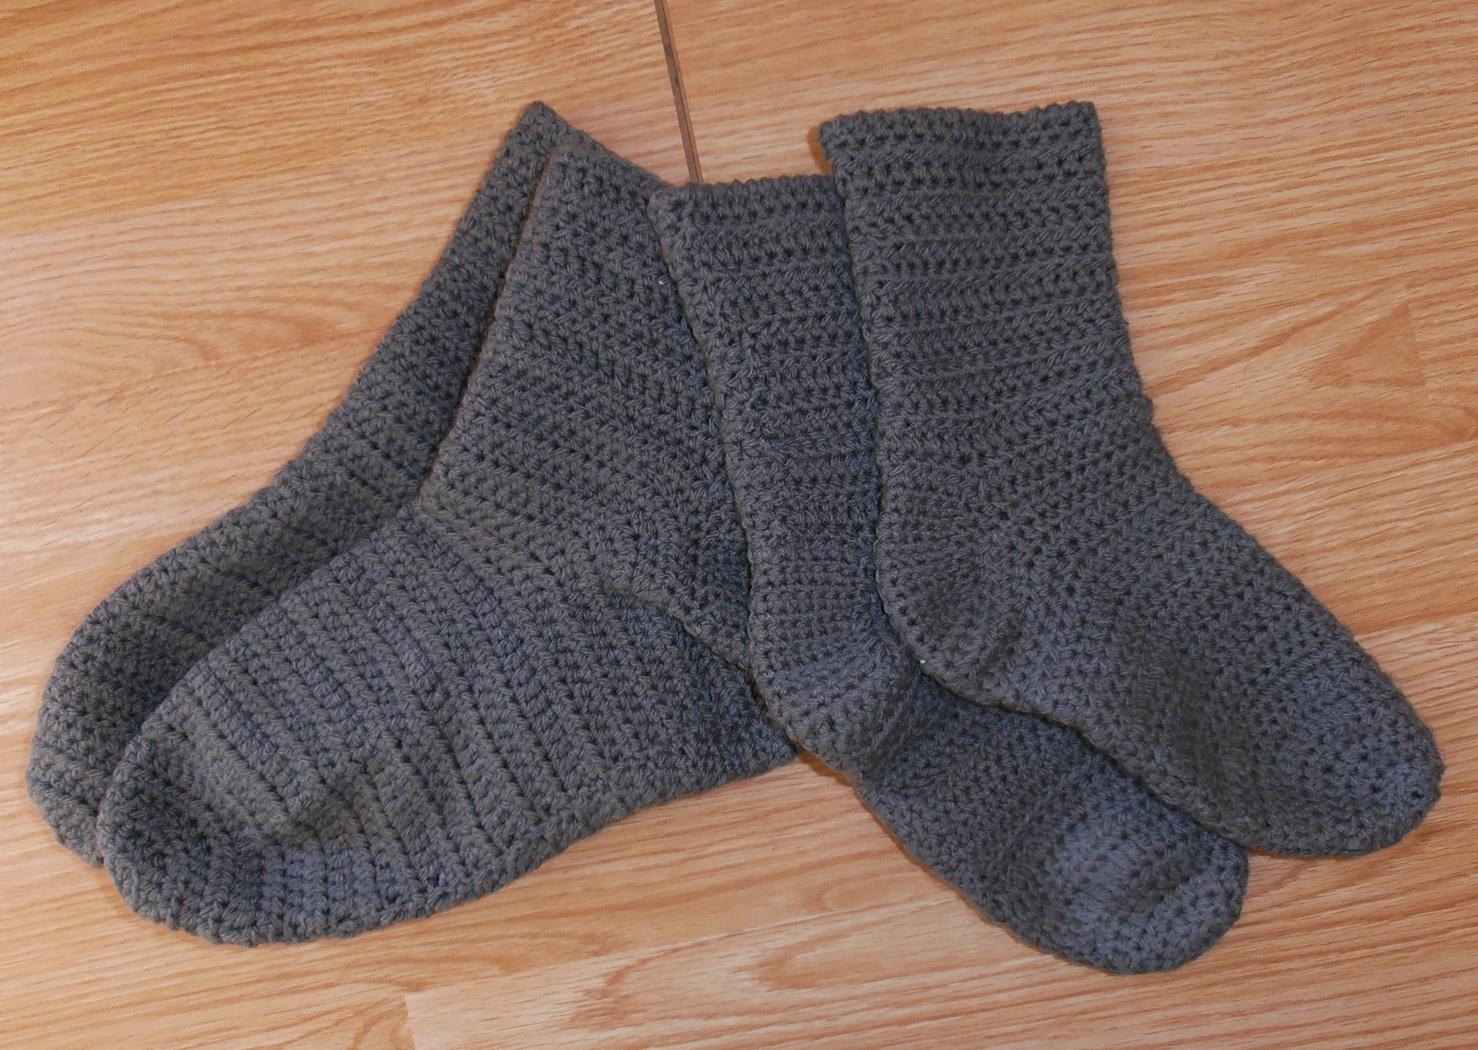 Tricoter chaussettes bébé 4 aiguilles